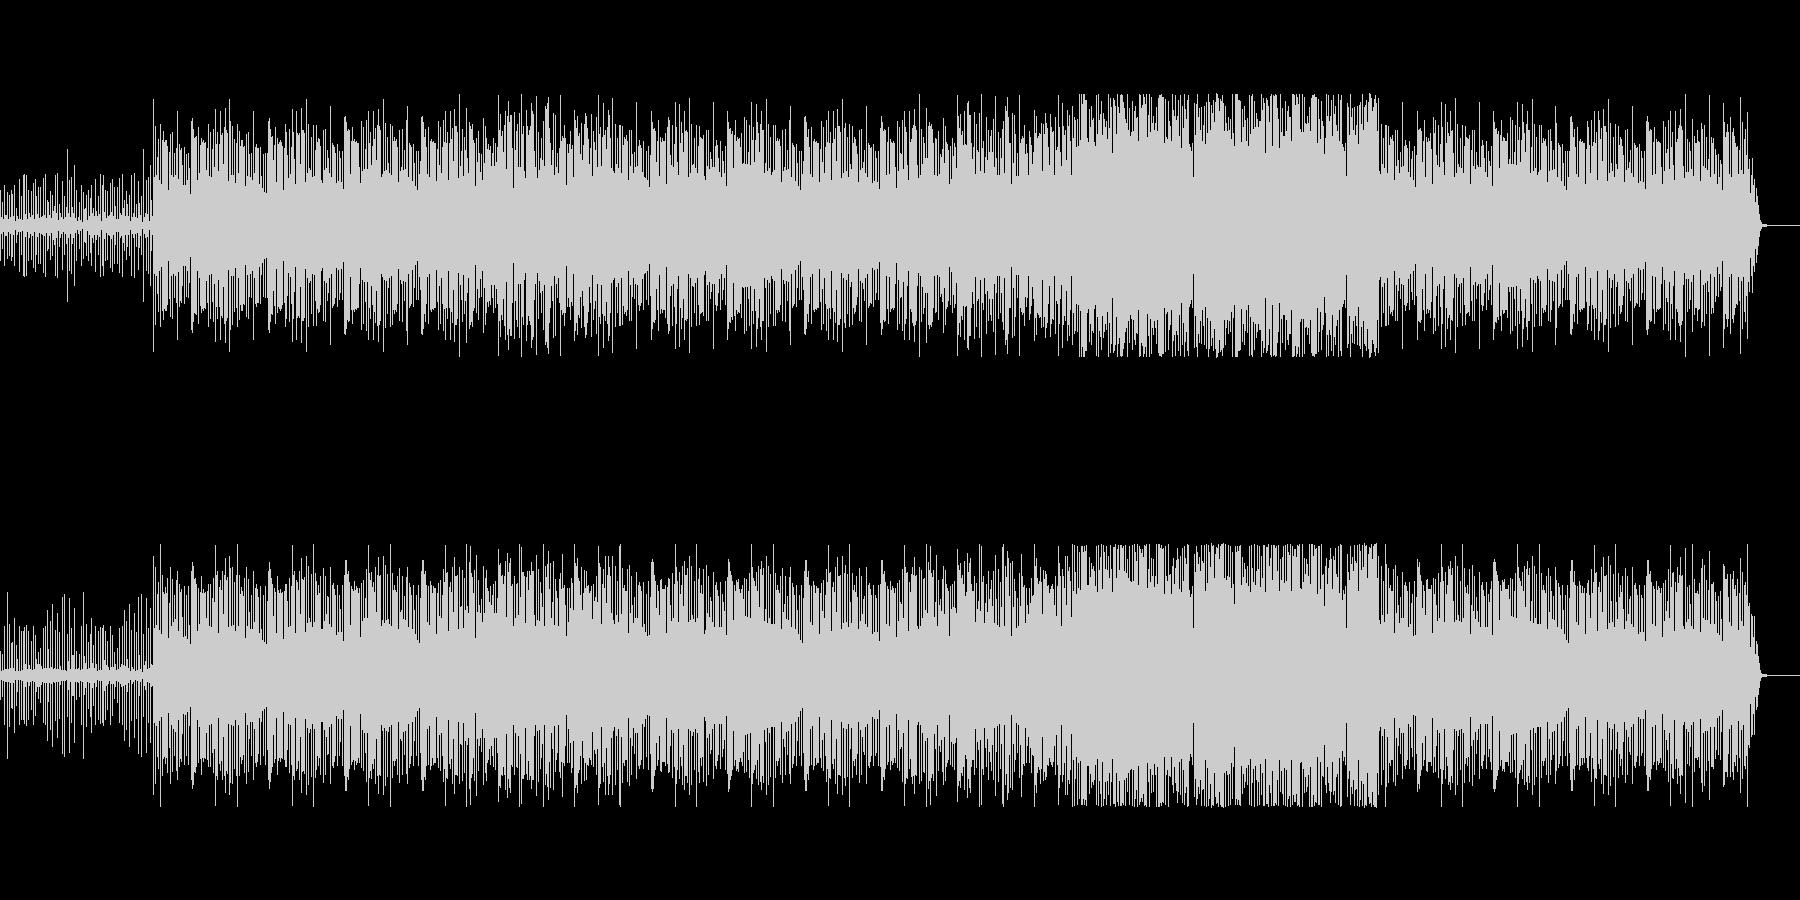 クールなHiphopサウンドの未再生の波形